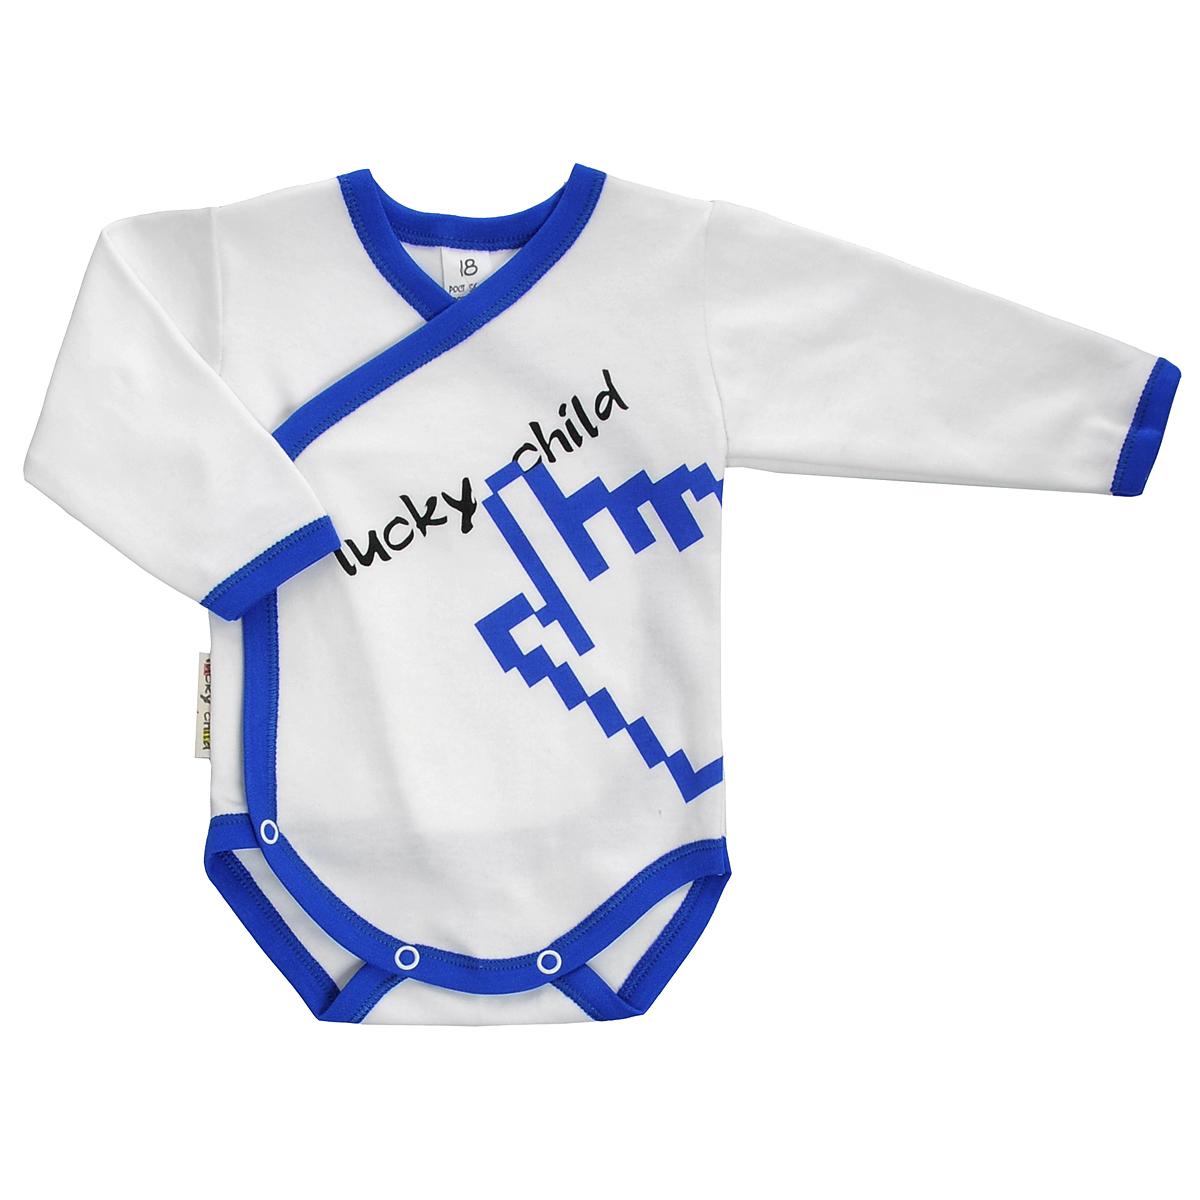 Боди для мальчика. 9-59-5Боди для мальчика Lucky Child с запахом и длинными рукавами послужит идеальным дополнением к гардеробу малыша, обеспечивая ему наибольший комфорт. Боди изготовлено из натурального хлопка, благодаря чему оно необычайно мягкое и легкое, не раздражает нежную кожу ребенка и хорошо вентилируется, а эластичные швы приятны телу малыша и не препятствуют его движениям. Удобные застежки-кнопки спереди и на ластовице помогают легко переодеть младенца и сменить подгузник. Боди спереди оформлено ярким оригинальным принтом. Вырез горловины, низ рукавов и проймы для ножек дополнены эластичной резинкой. Боди полностью соответствует особенностям жизни малыша в ранний период, не стесняя и не ограничивая его в движениях. В нем ваш ребенок всегда будет в центре внимания.